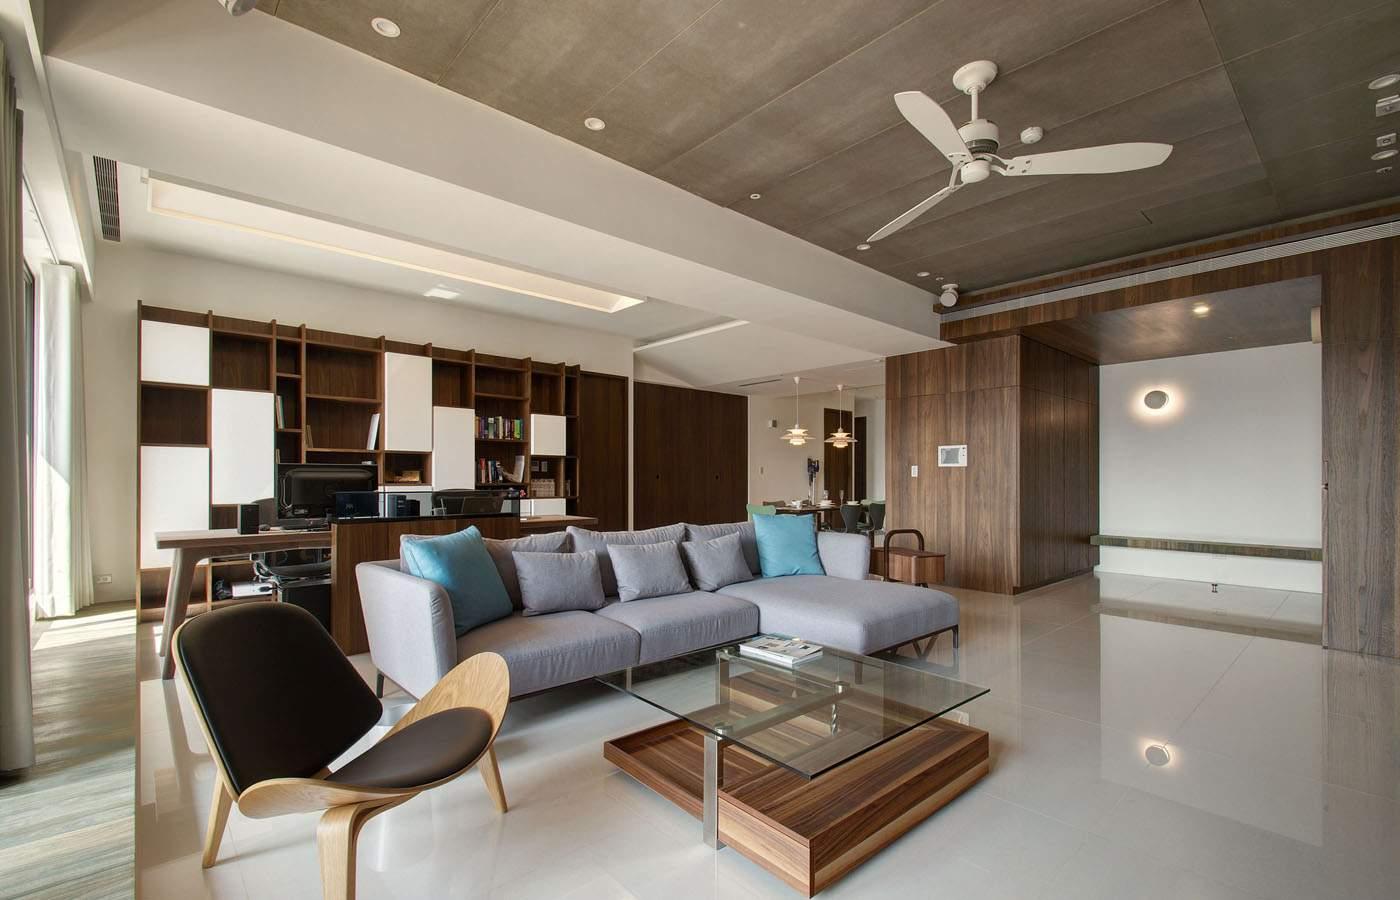 thiết kế nội thất chung cư 45m2 tiện ngh